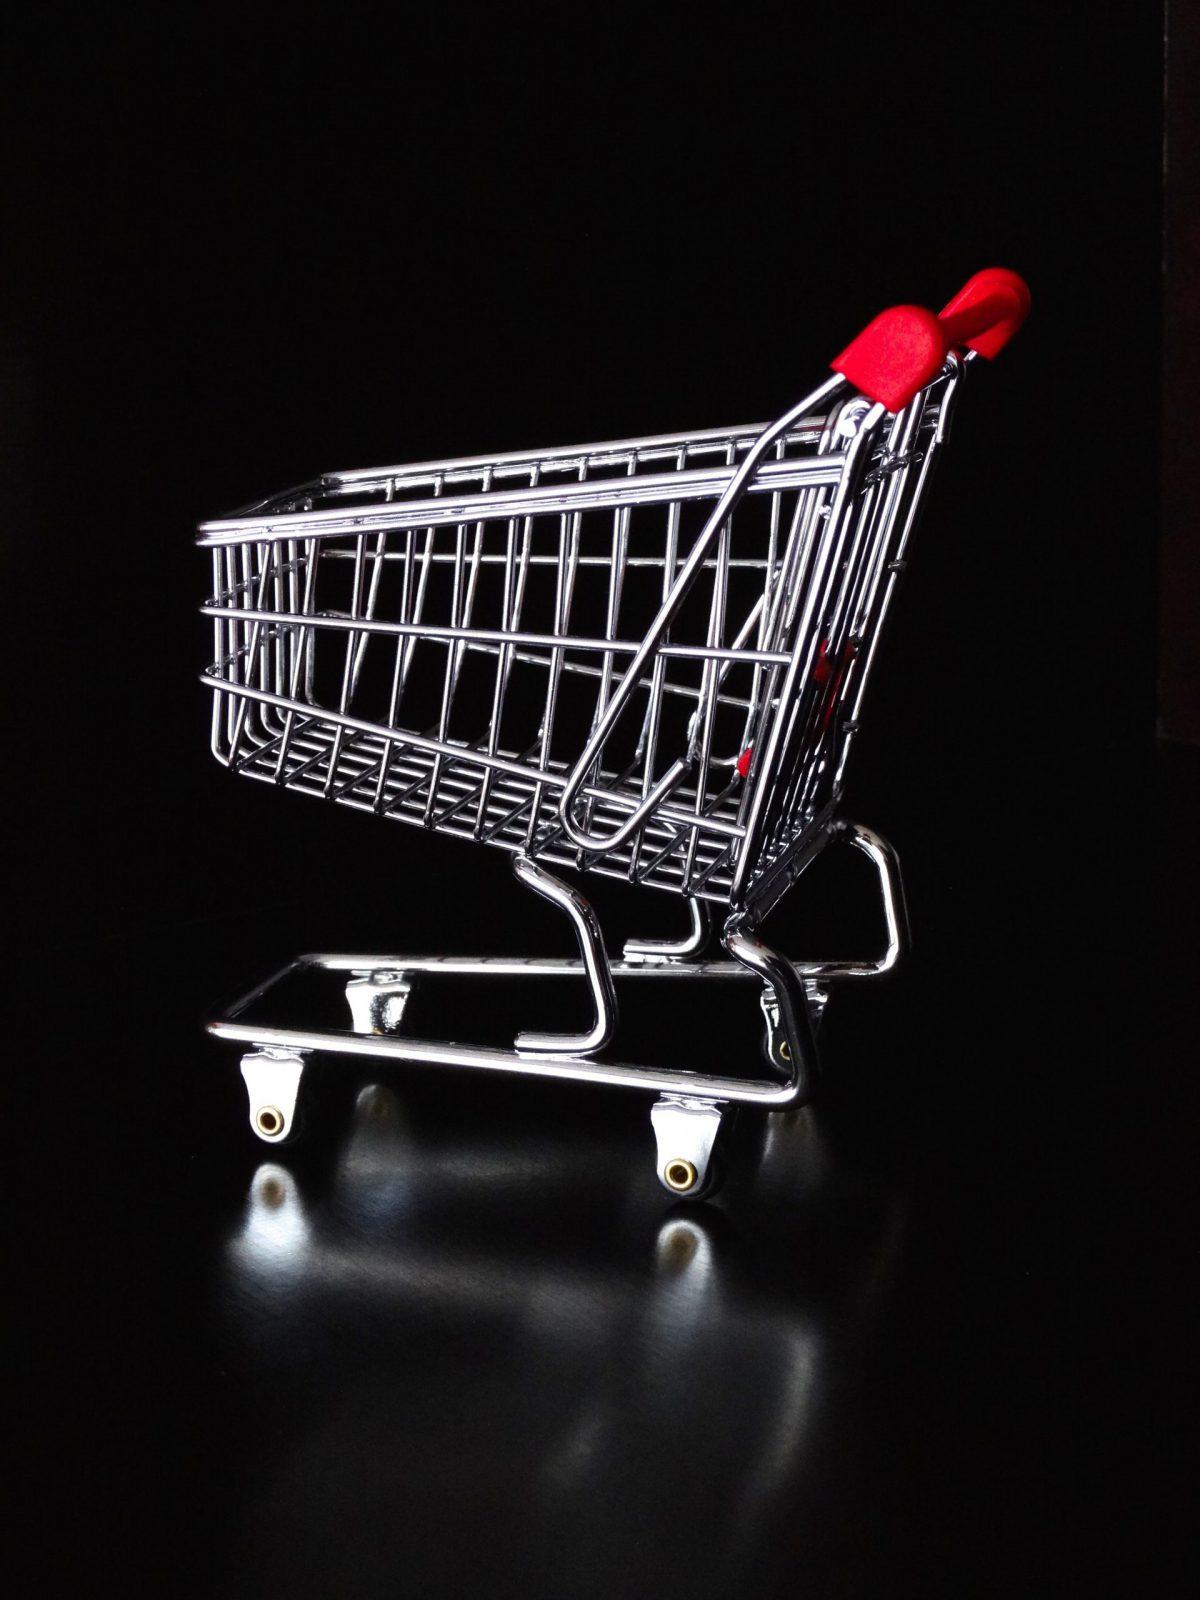 Regulamin sprzedaży nie jest niezbędny, ale znacznie ułatwia funkcjonowanie e-sklepu